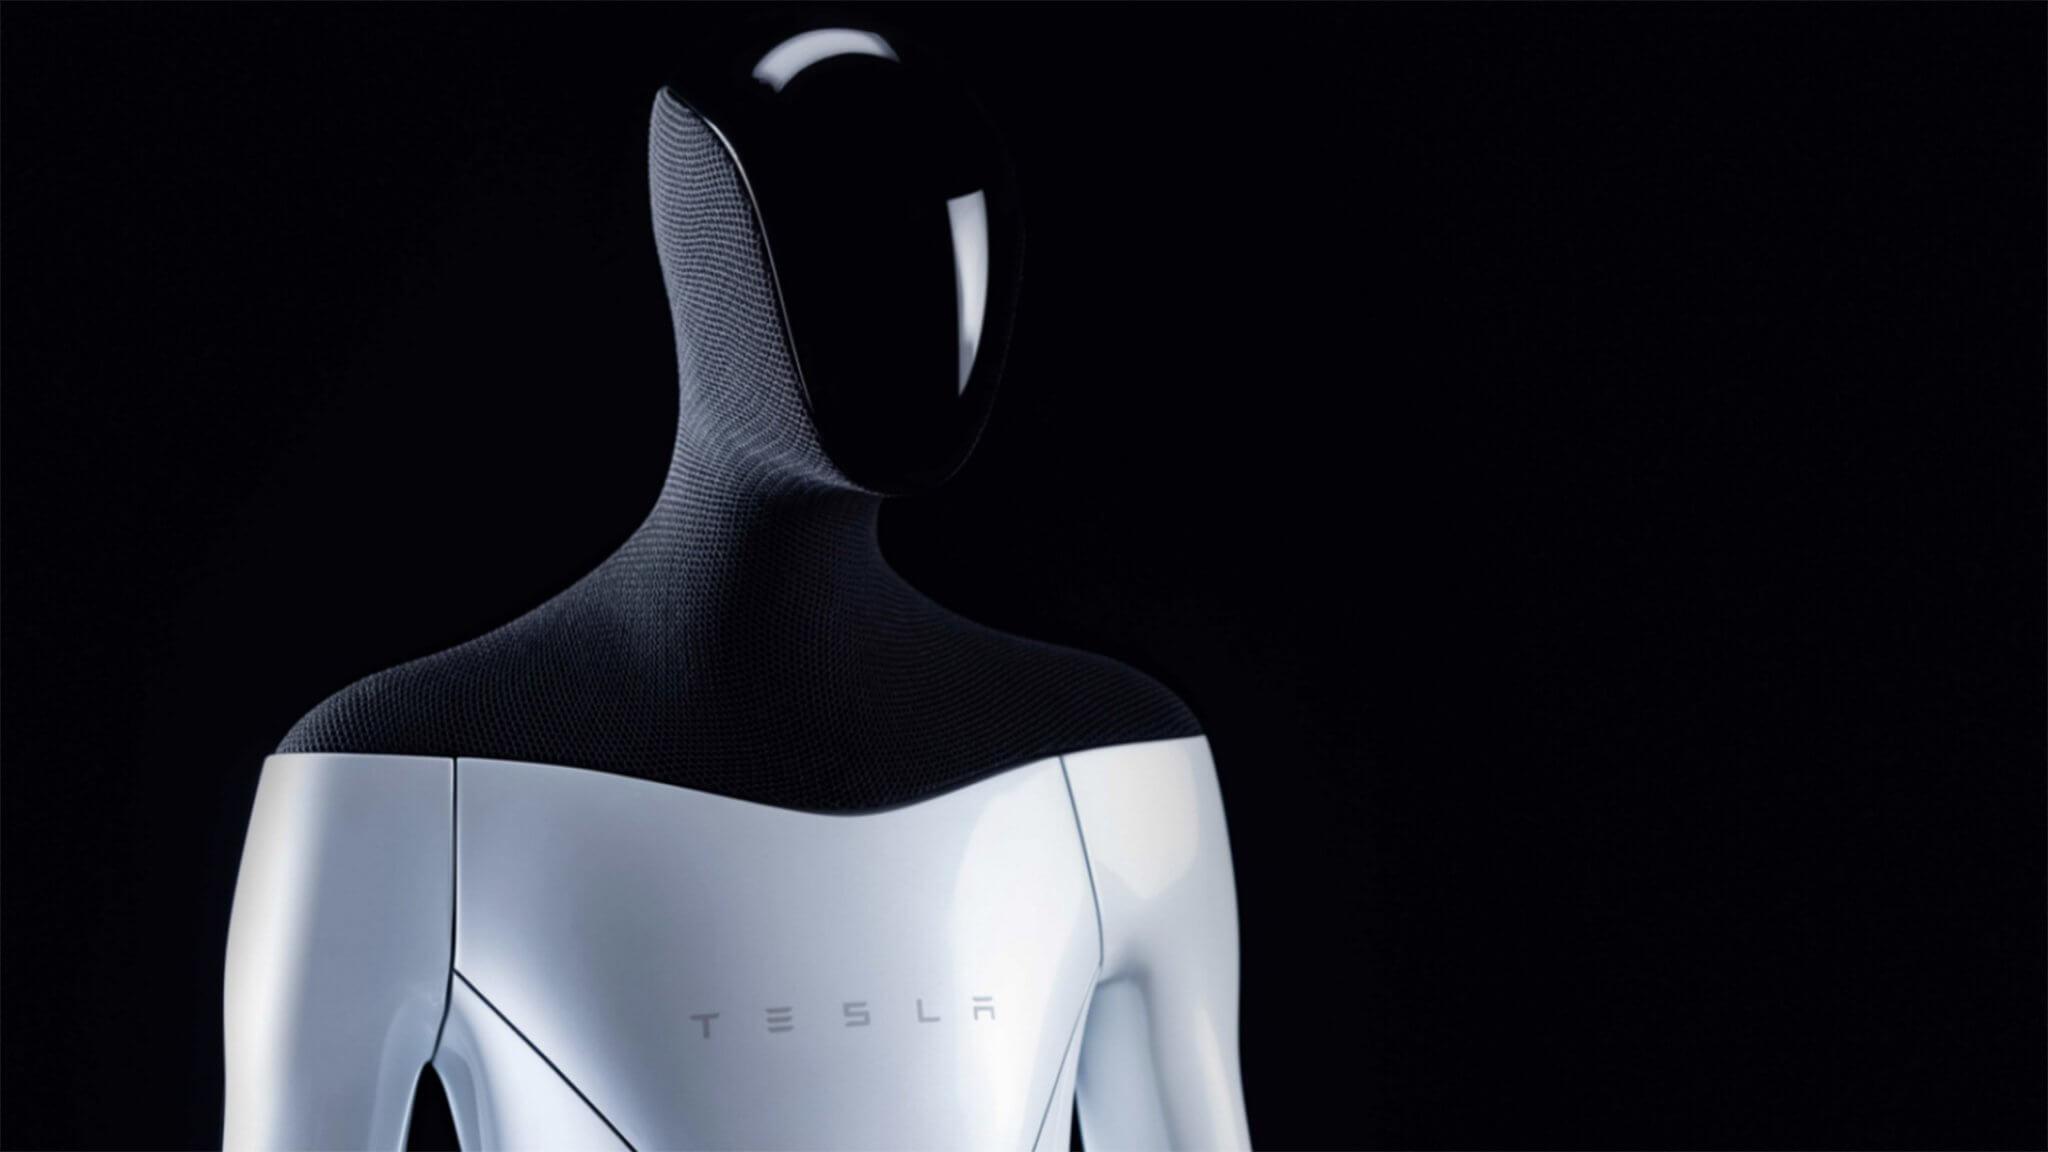 De Tesla Bot, een supercomputer en zelfrijdende technologie – Tesla's AI Day samengevat